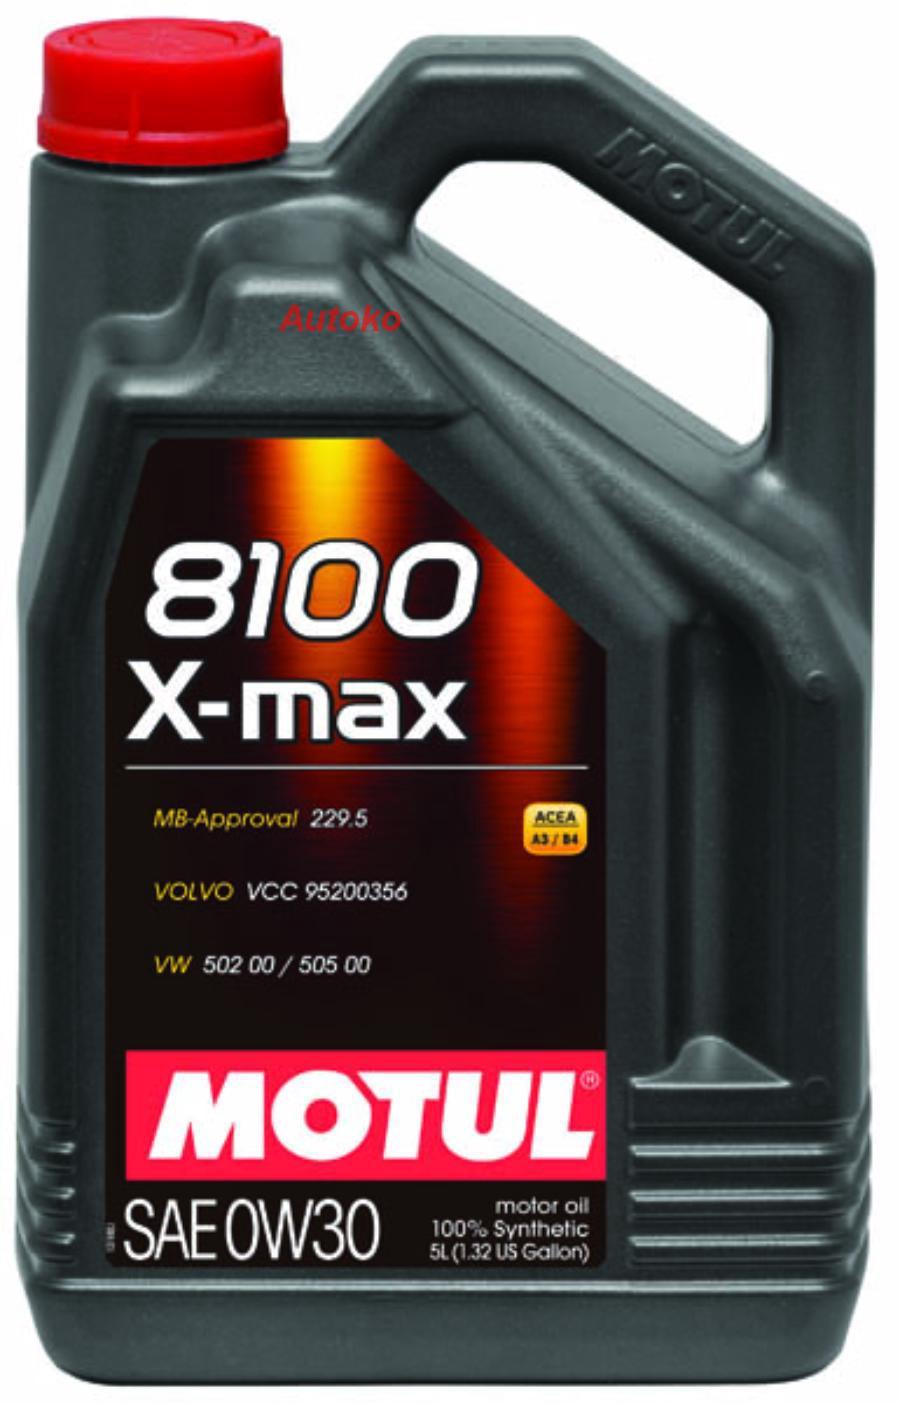 Масло моторное синтетическое 8100 X-max 0W-30, 5л